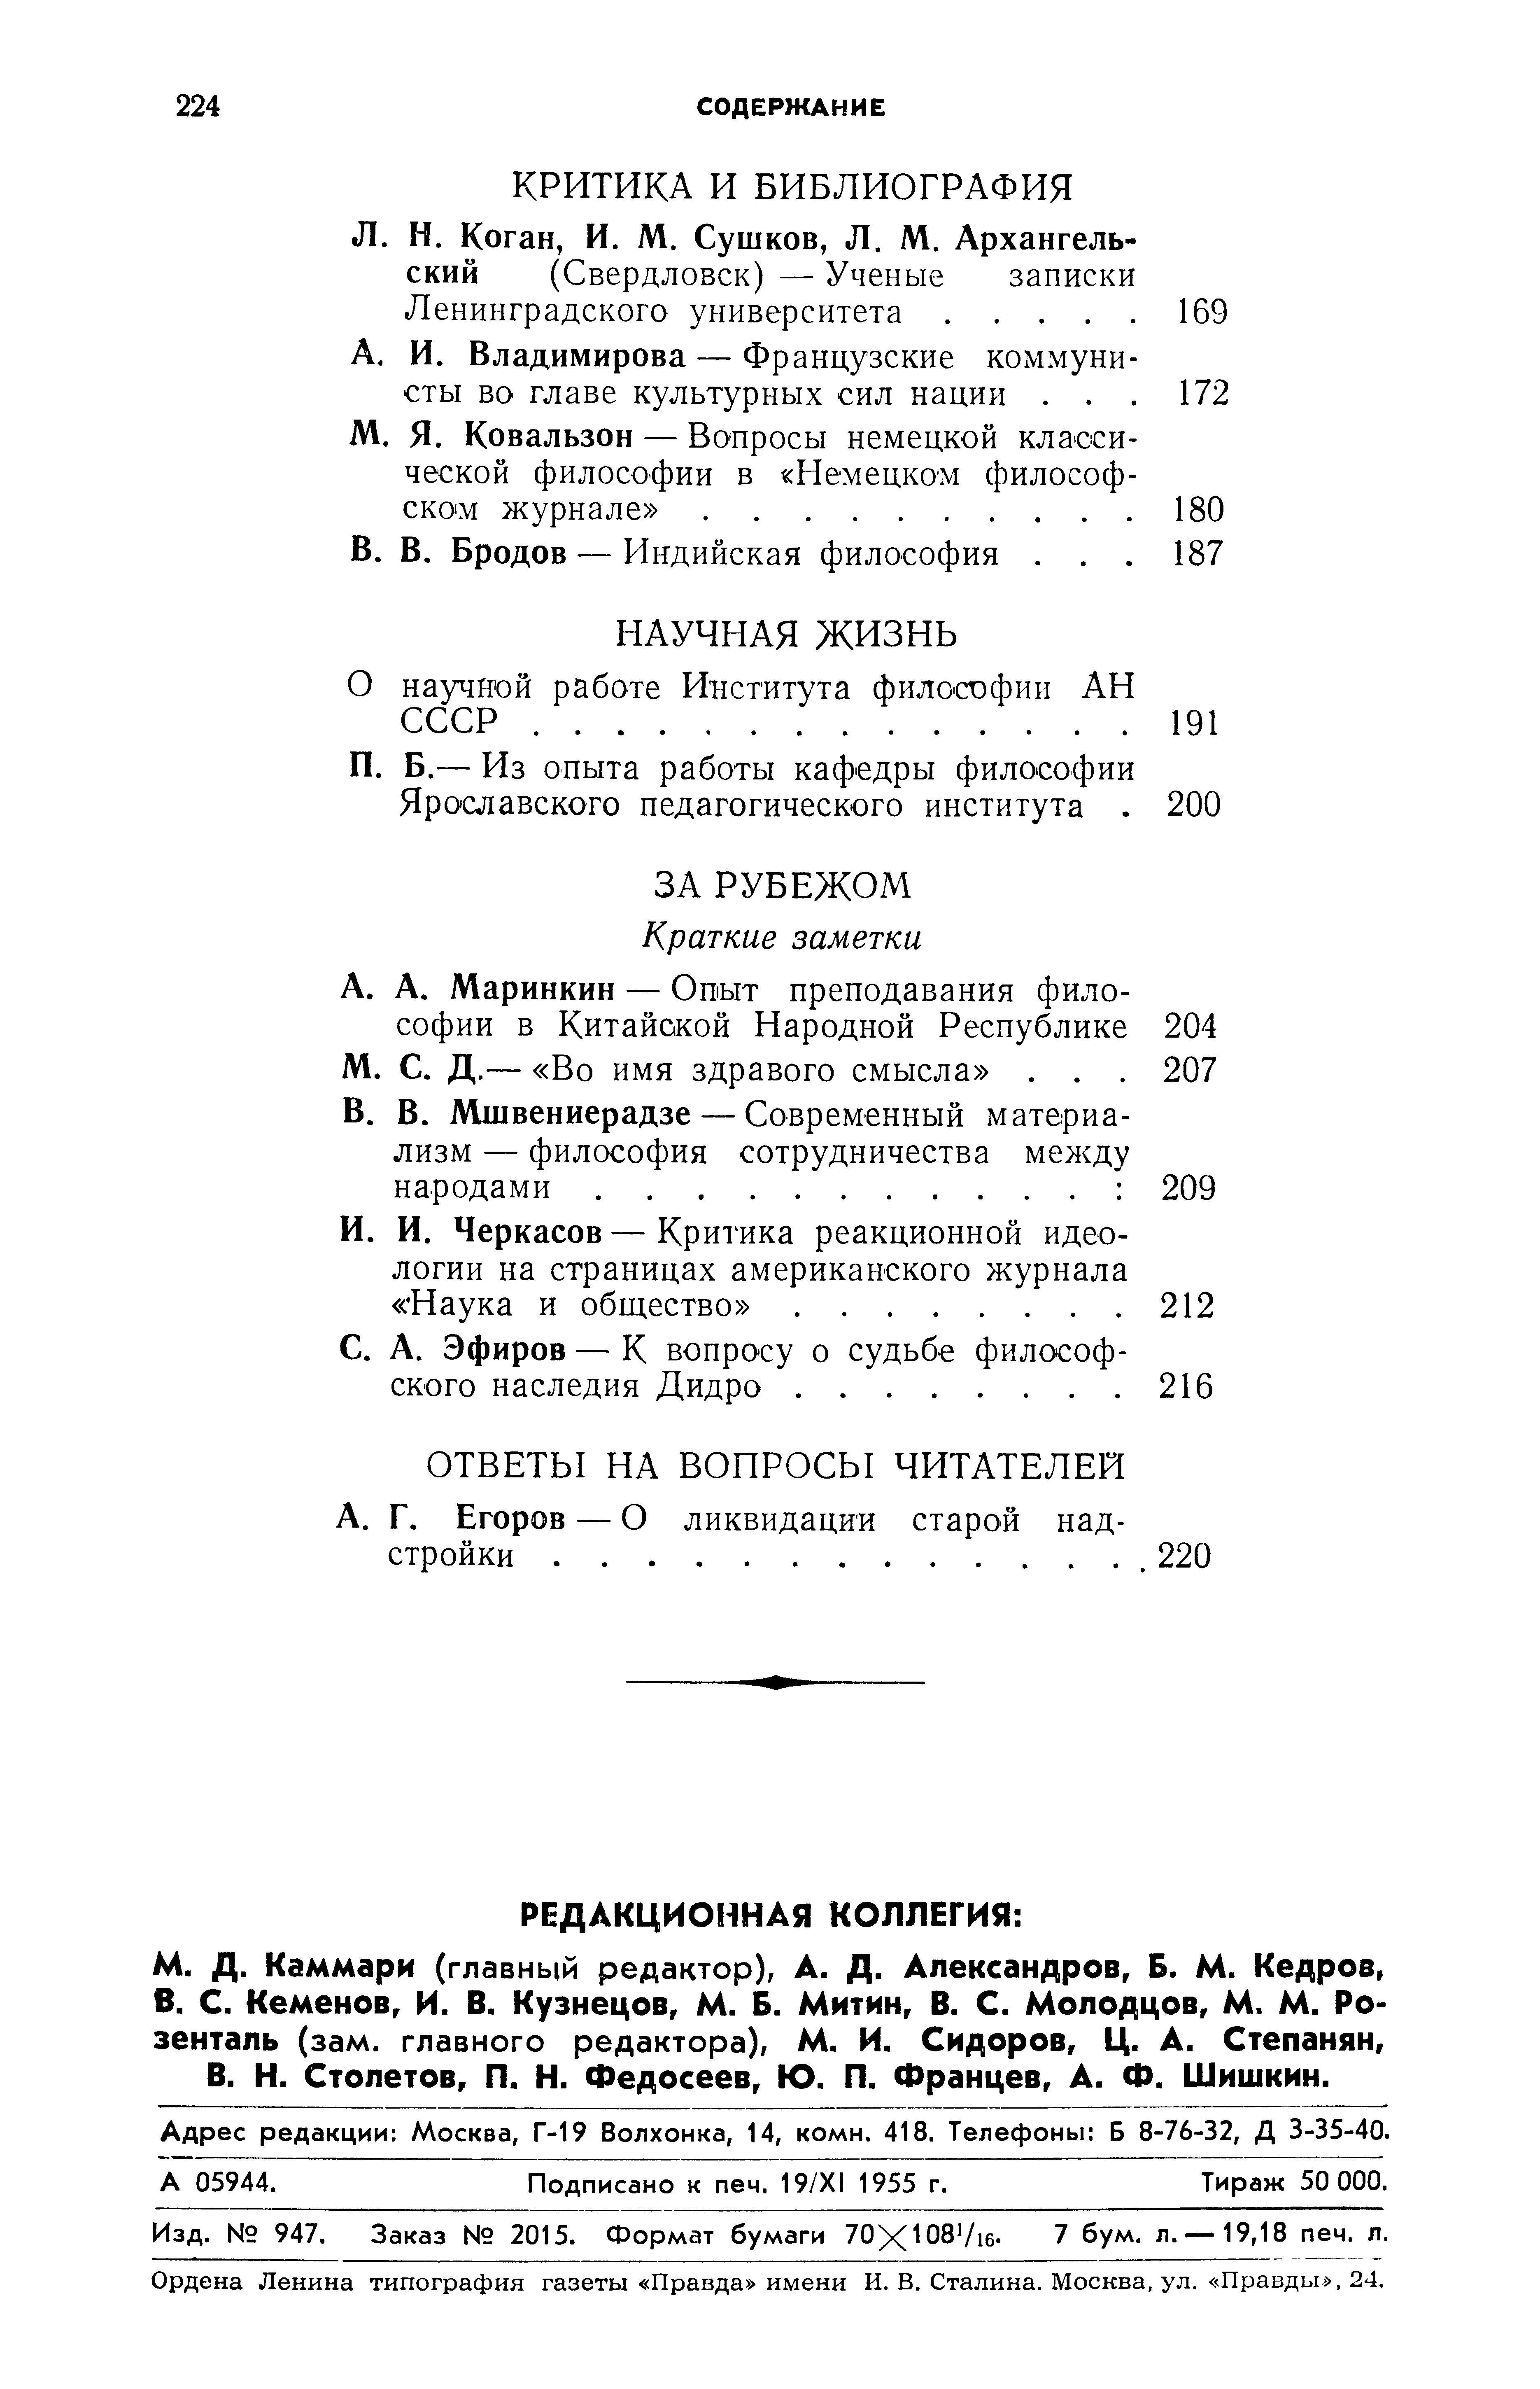 ВФ, № 5 - 1955_226